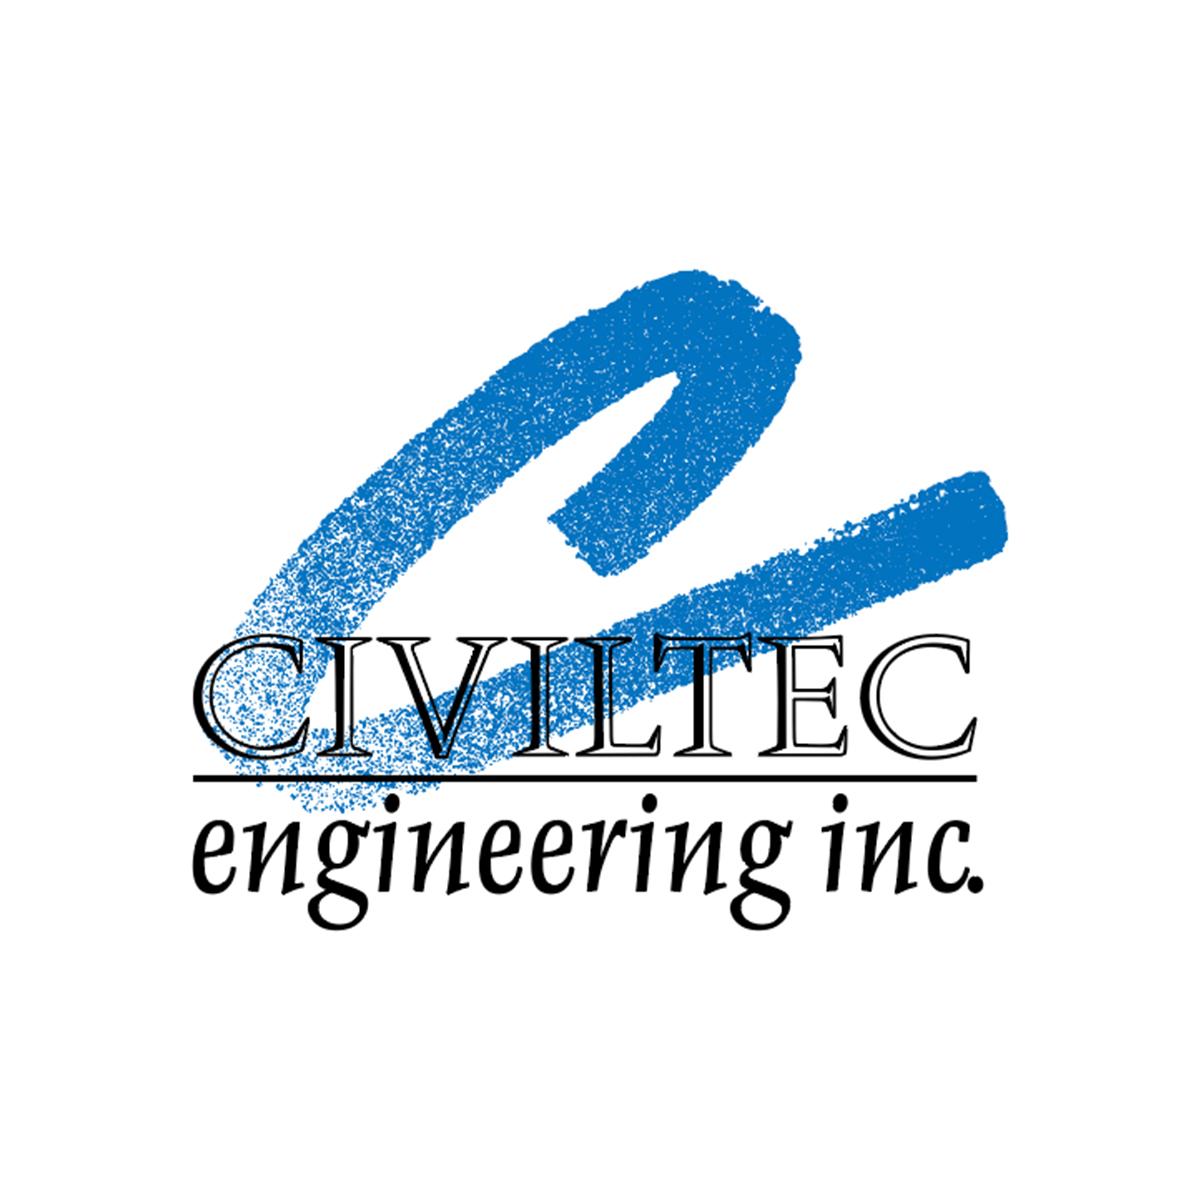 Civiltec logo.jpg